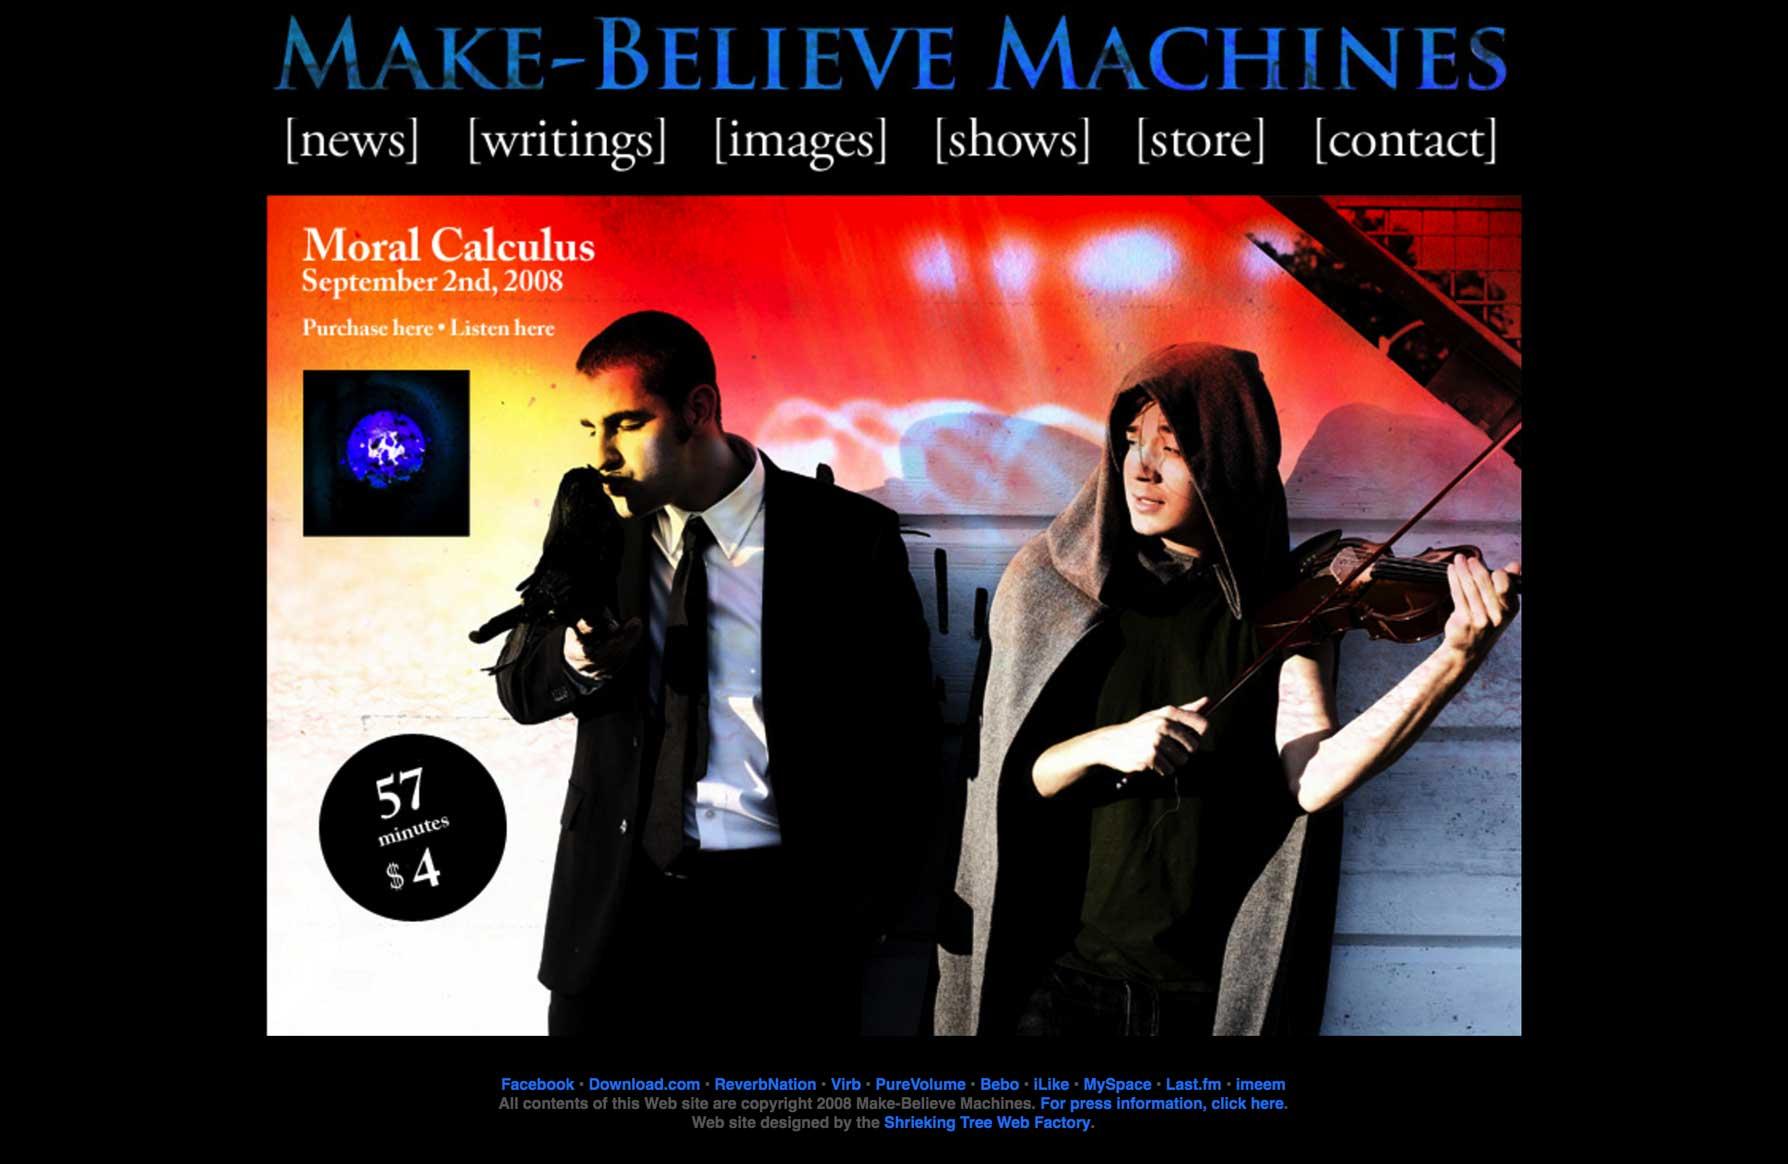 Make Believe Machines